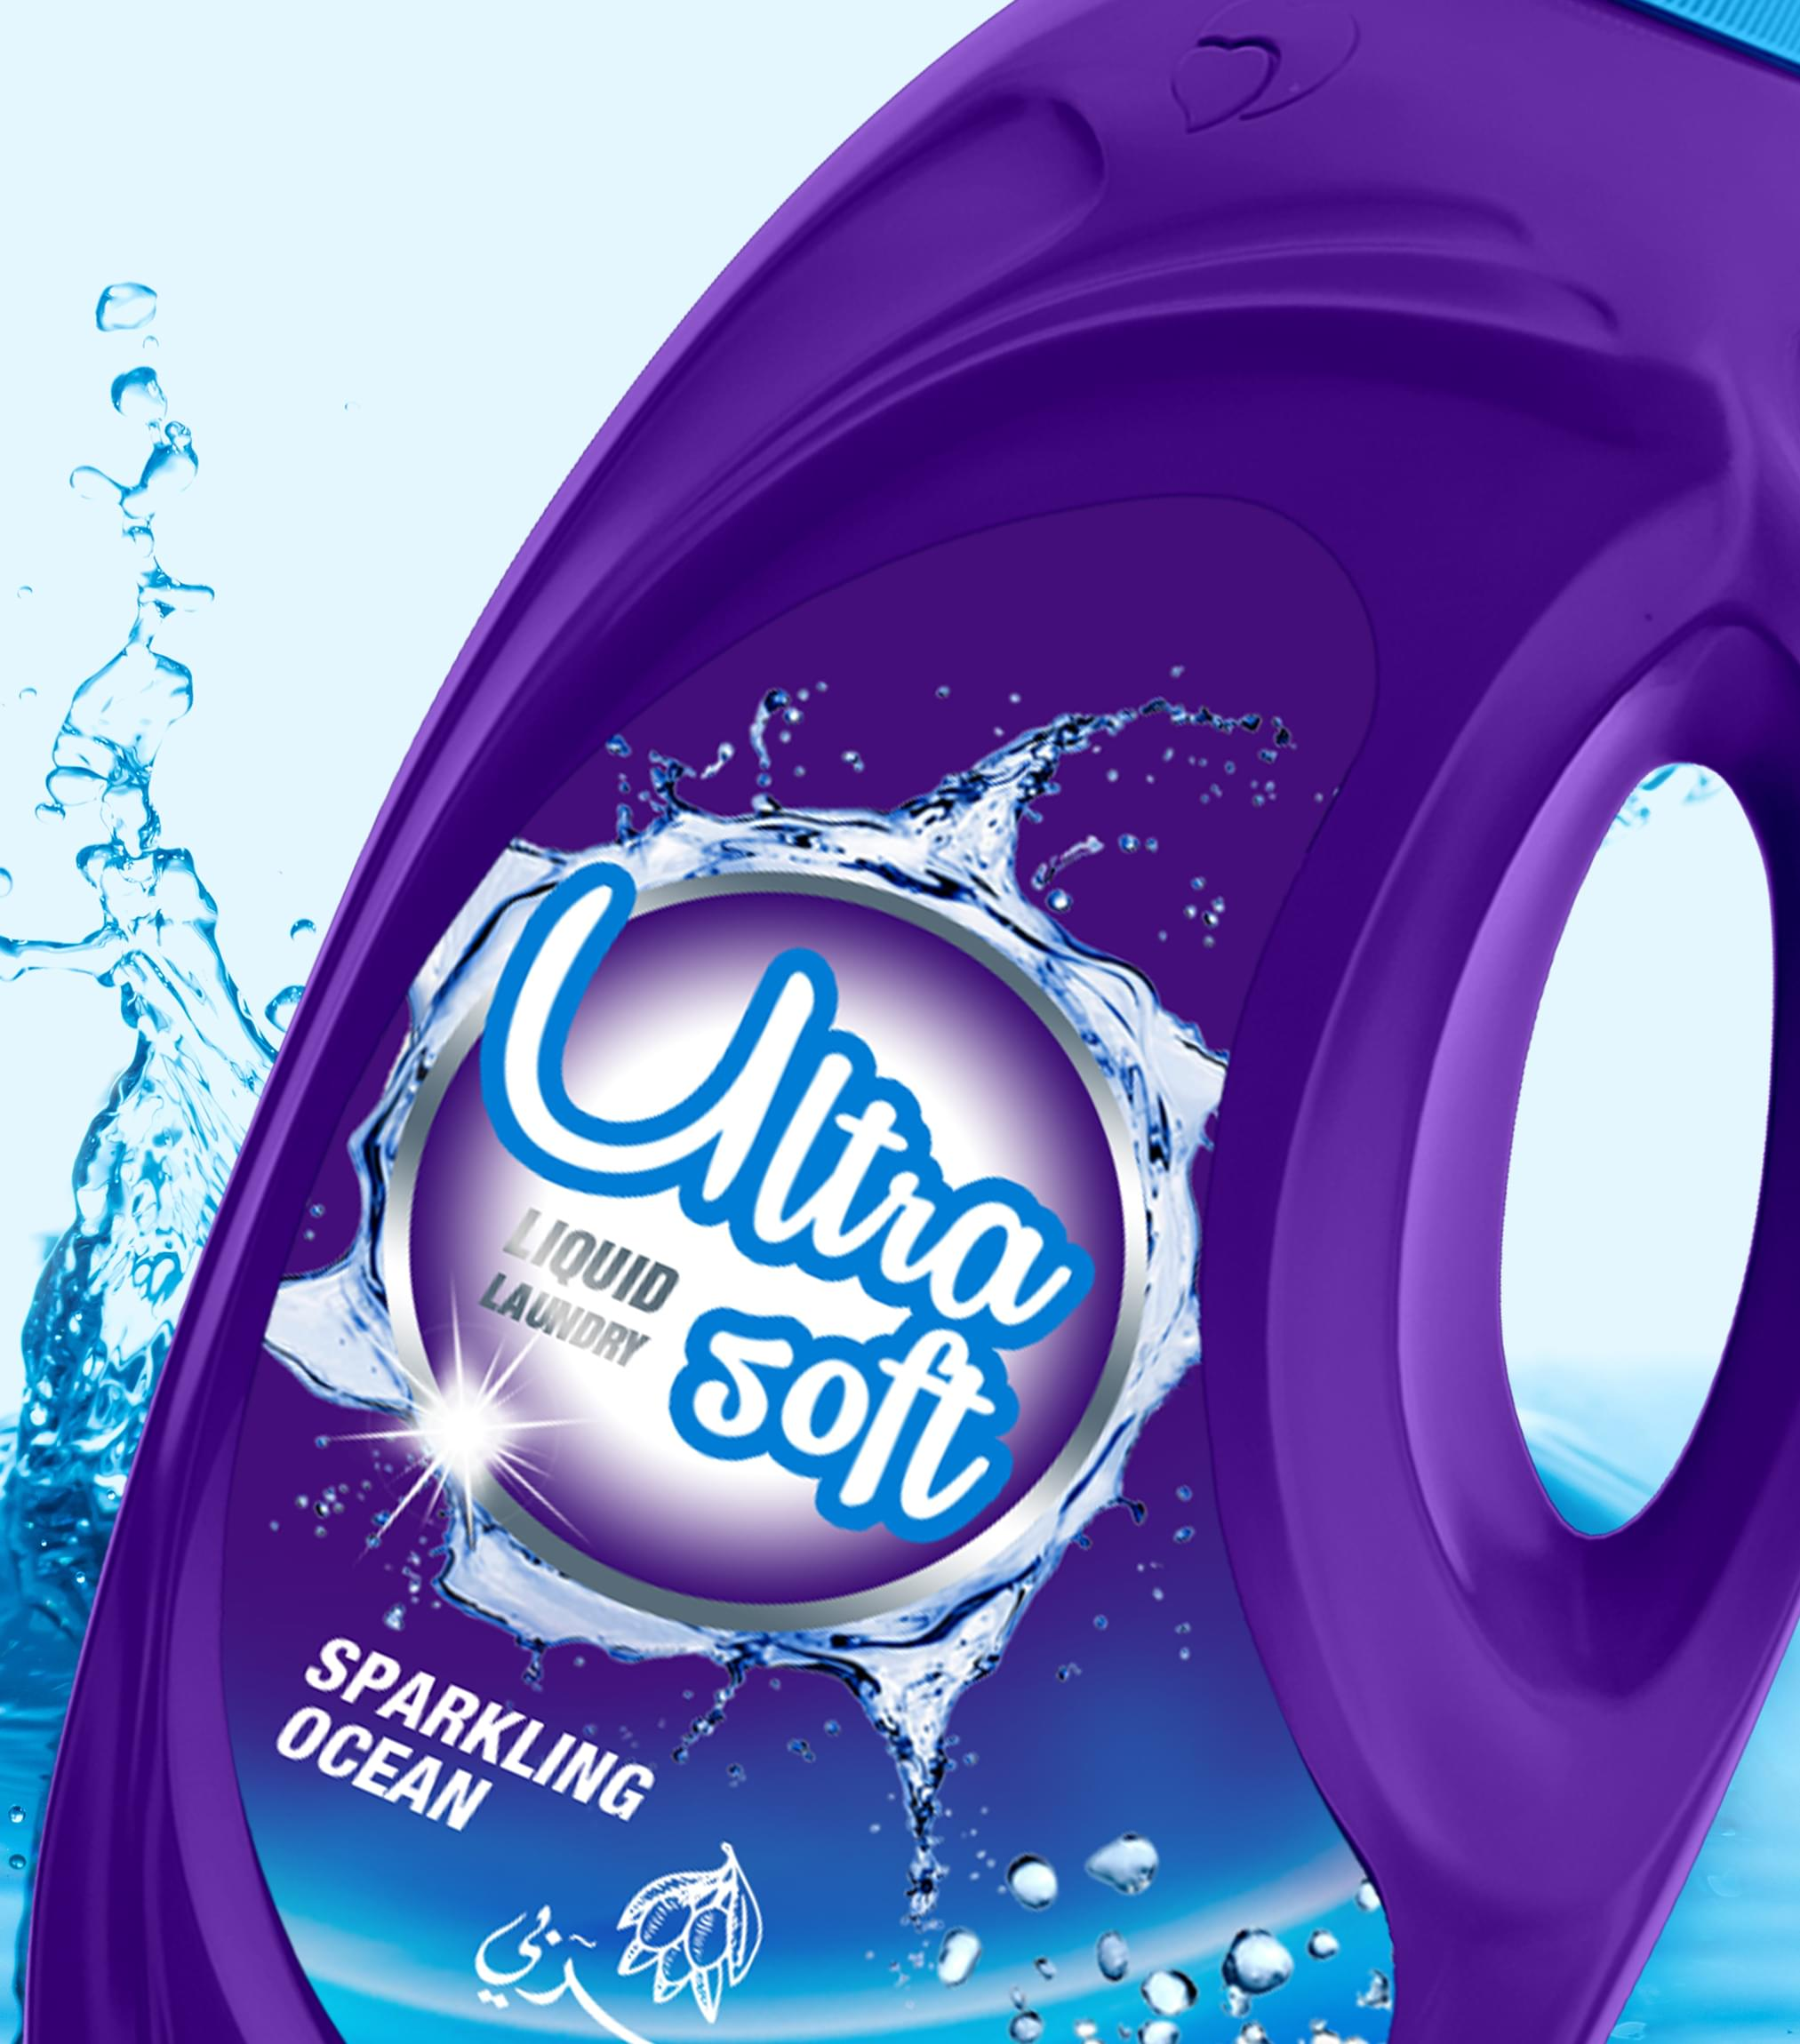 ULTRASOFT Packaging